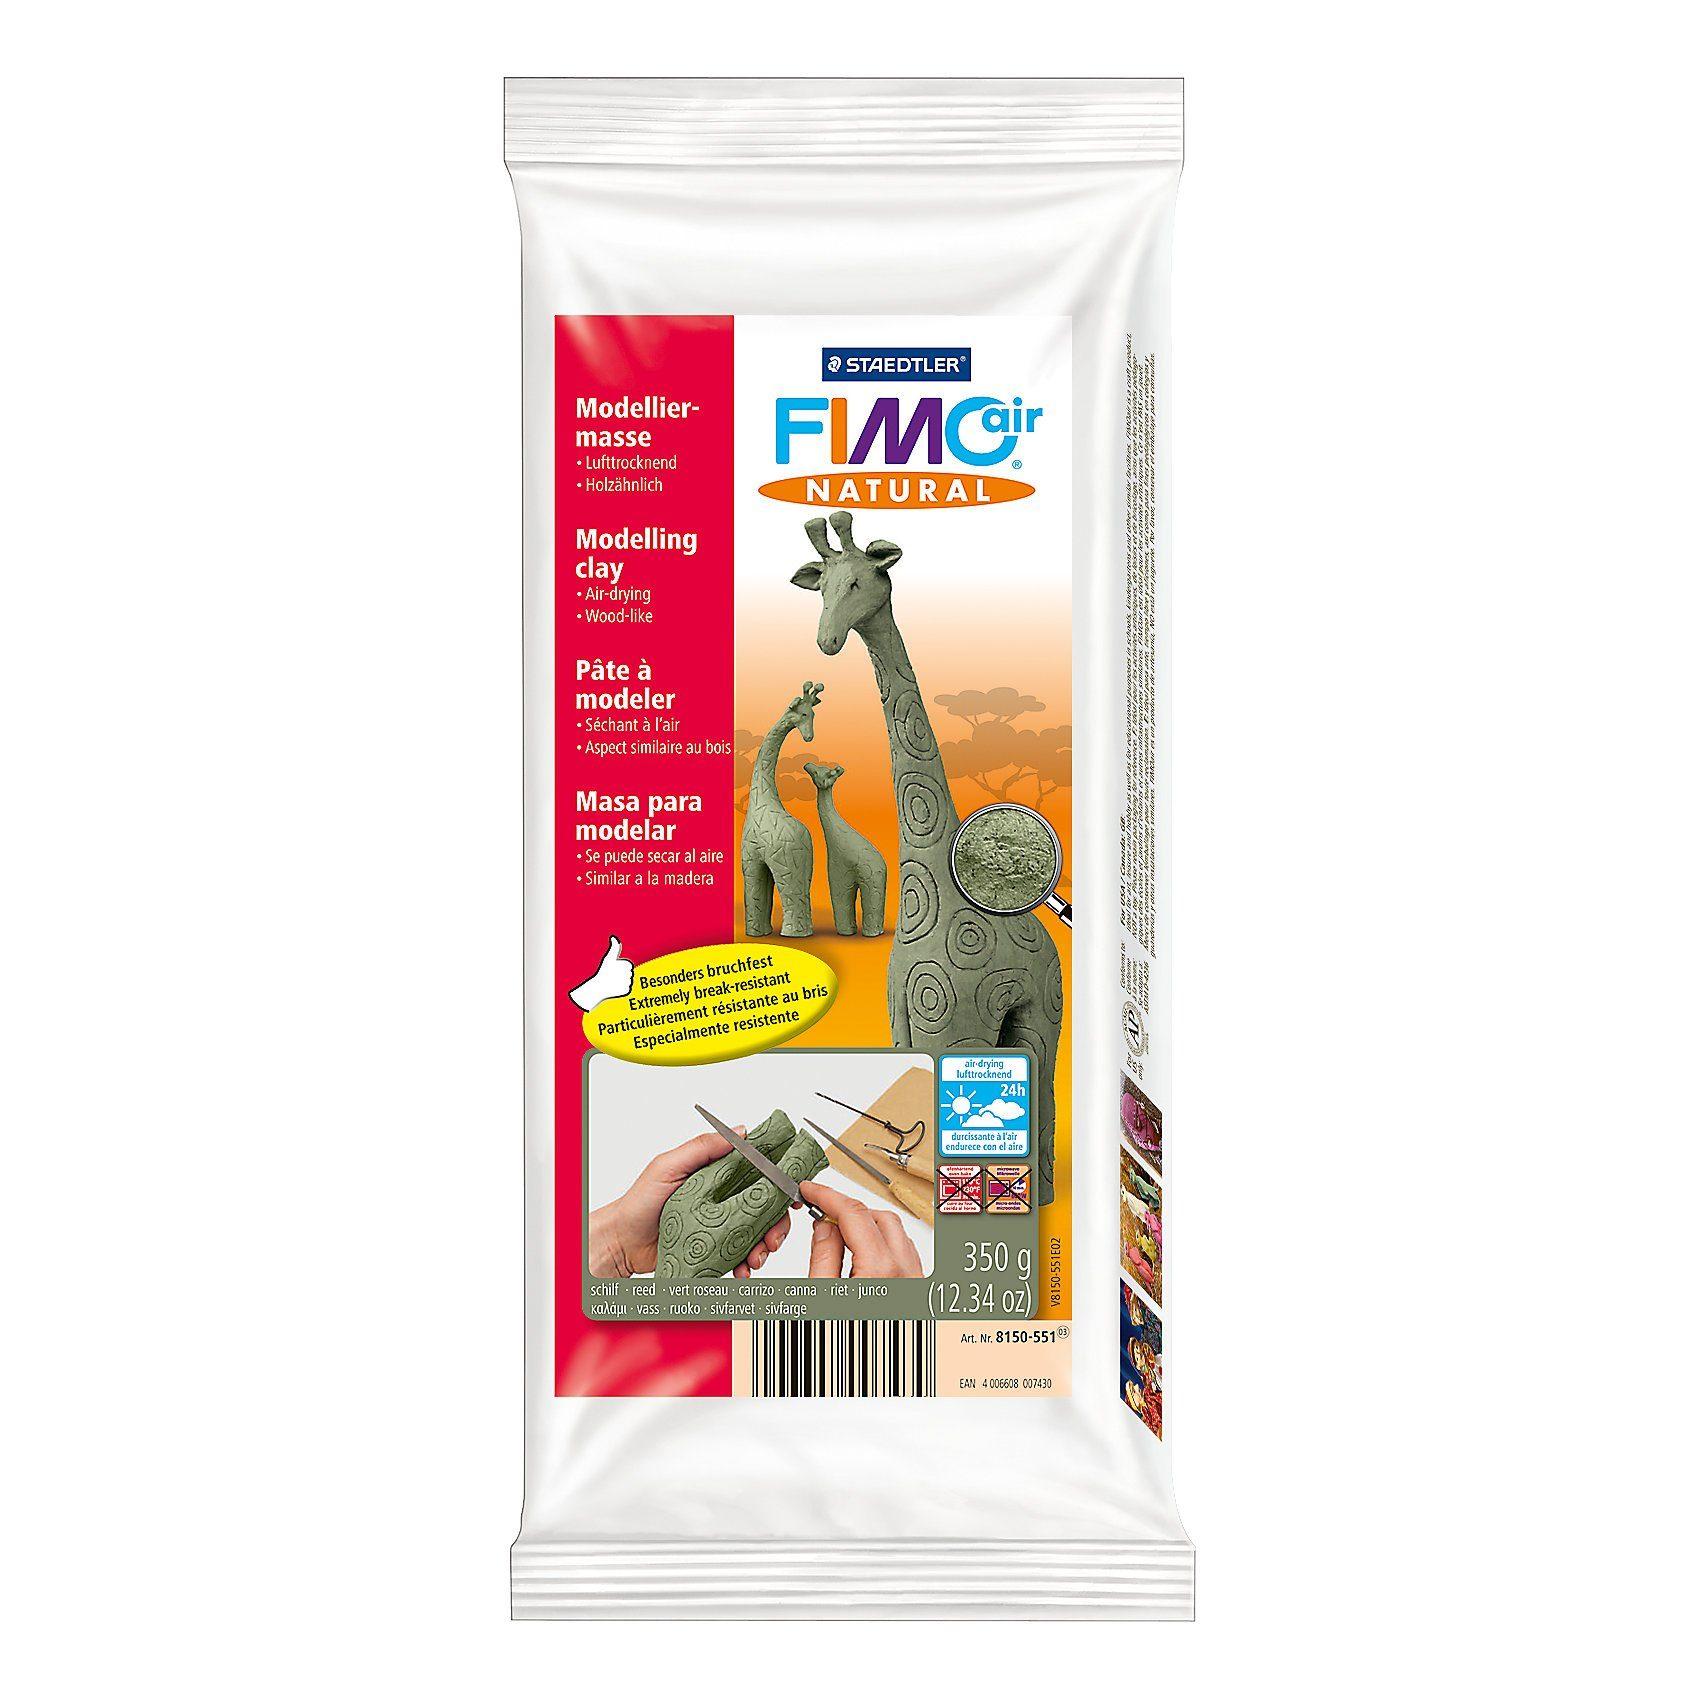 FIMO air natural Lufttrocknende Modelliermasse holzähnlich schilf